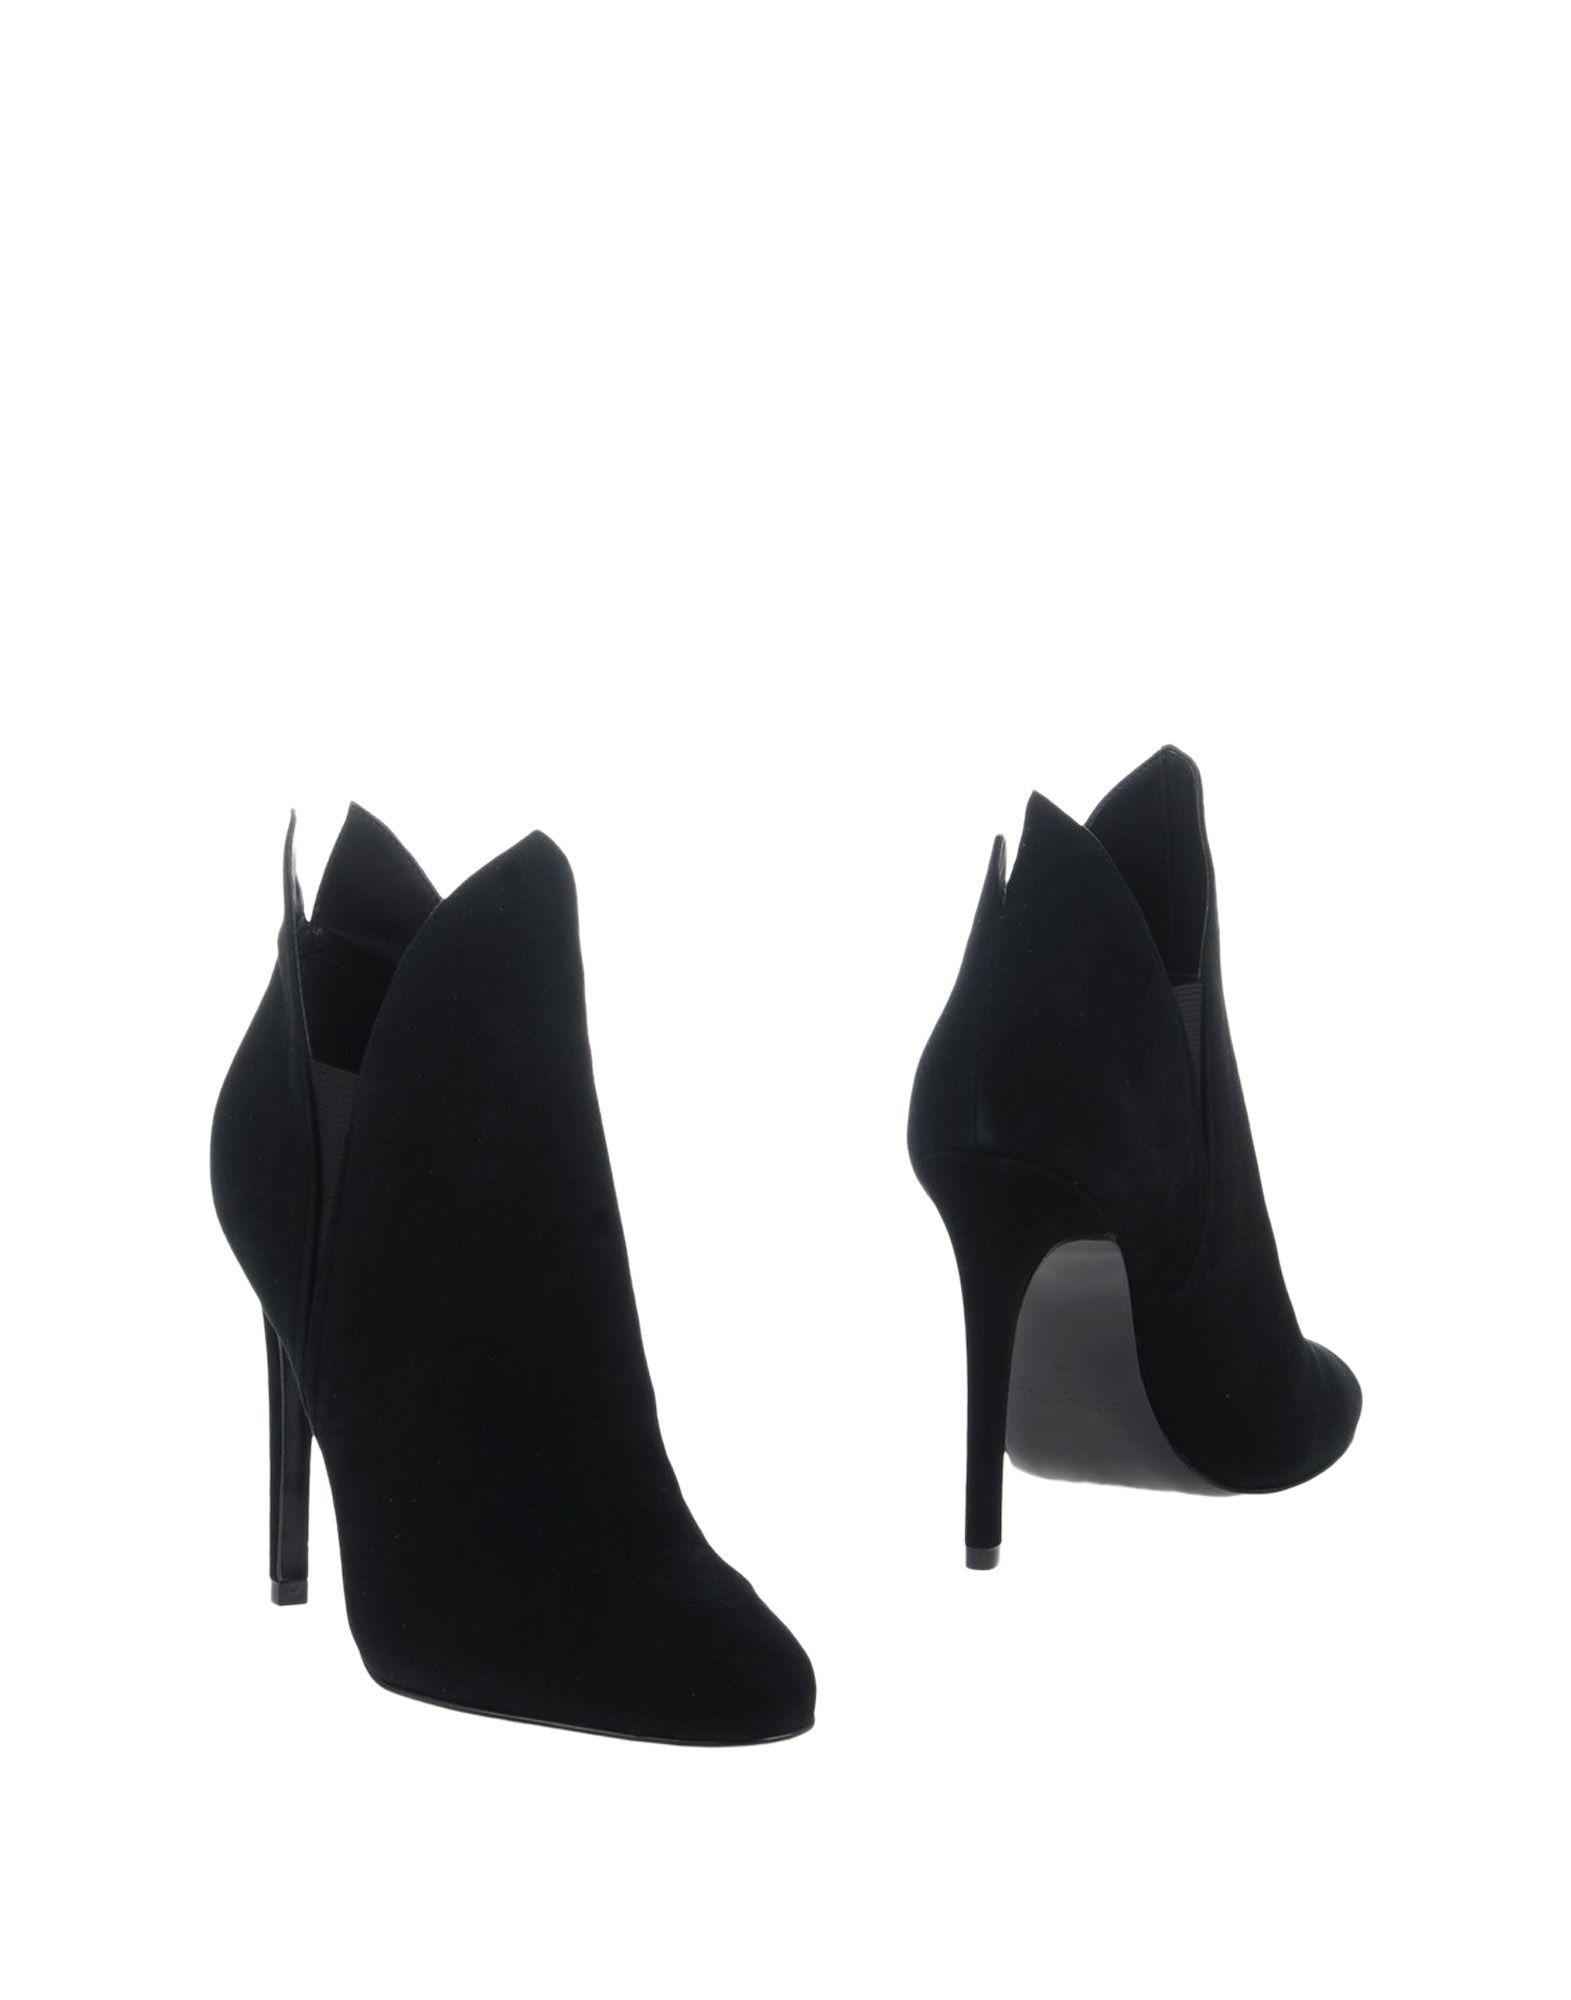 Kendall + Kylie Chelsea Boots Damen  11263795VI Gute Qualität beliebte Schuhe